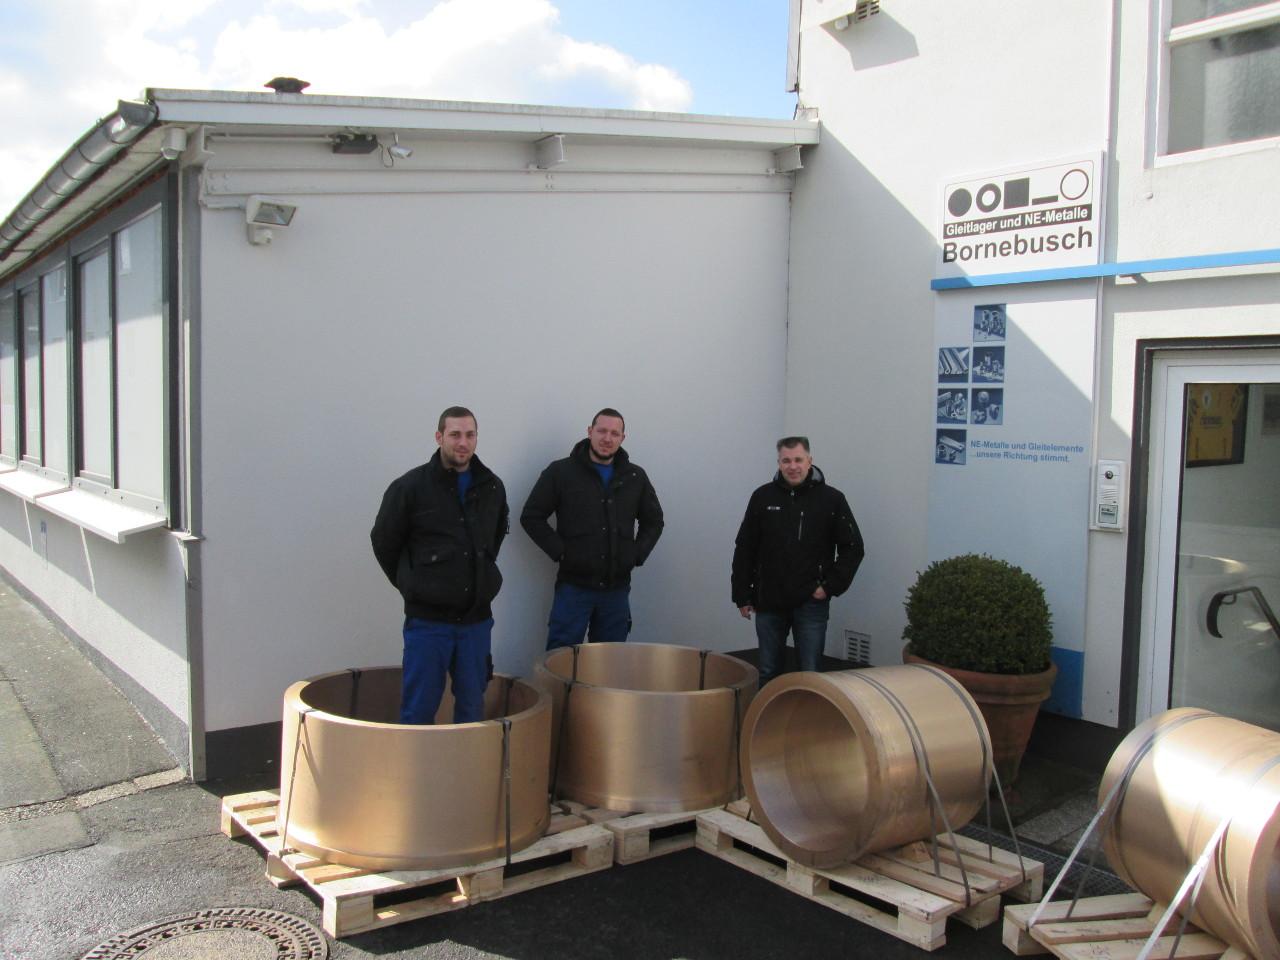 Drei Männer mit Produkten vor dem Gebäude der Christoph Bornebusch GmbH